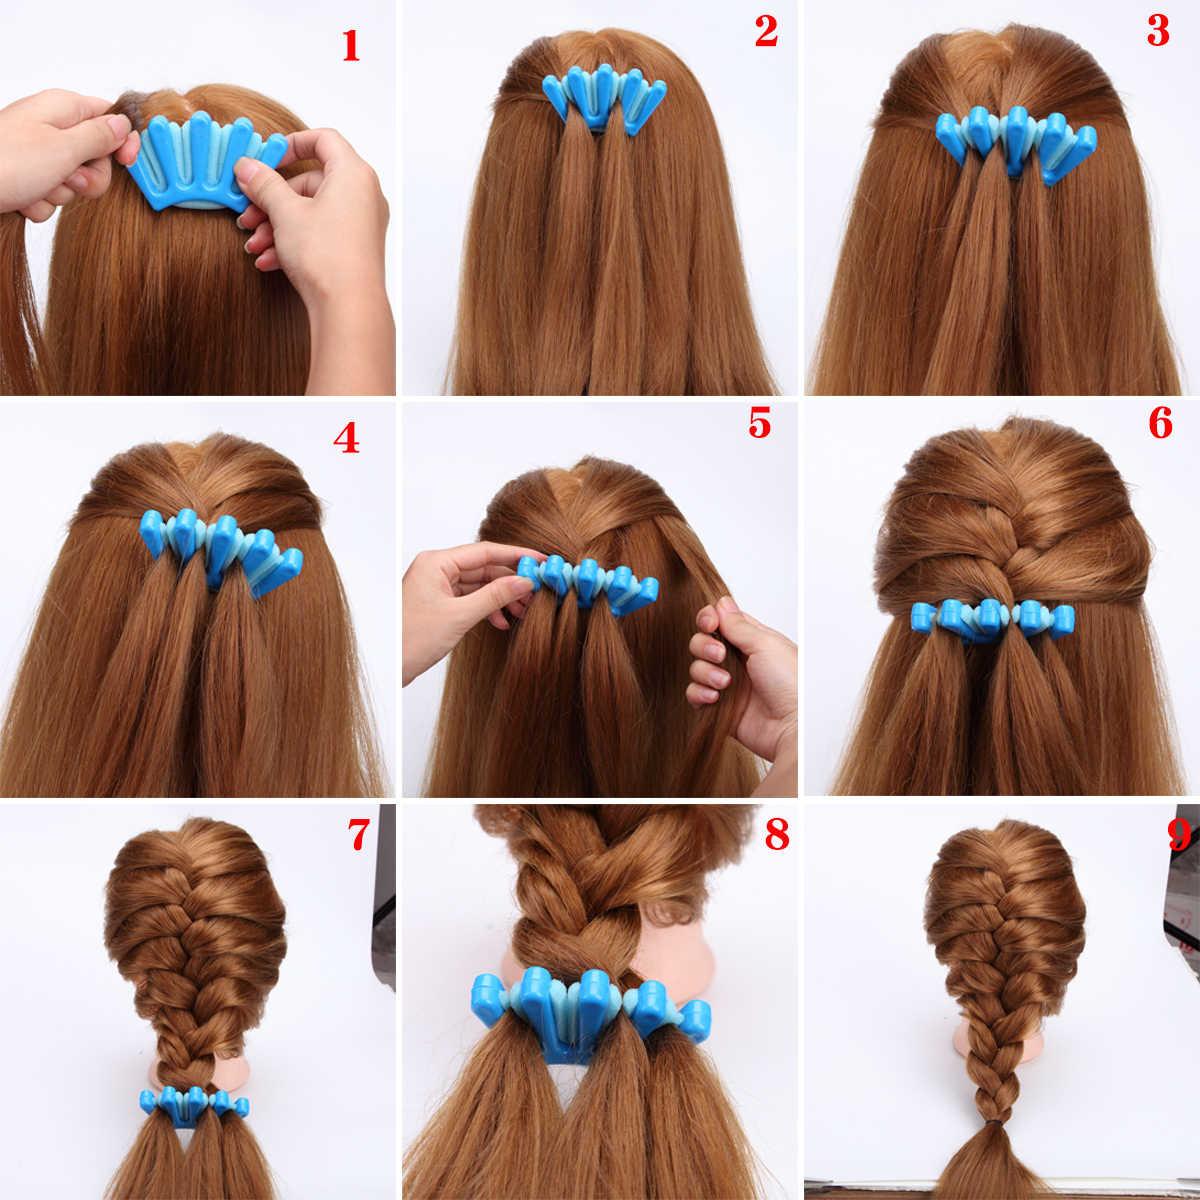 9 типов дамские модные французские волосы плетение рыба Бонд плетение валик для Плетения КОС с для волос, фигурная булочка производитель DIY волос ленточные инструменты